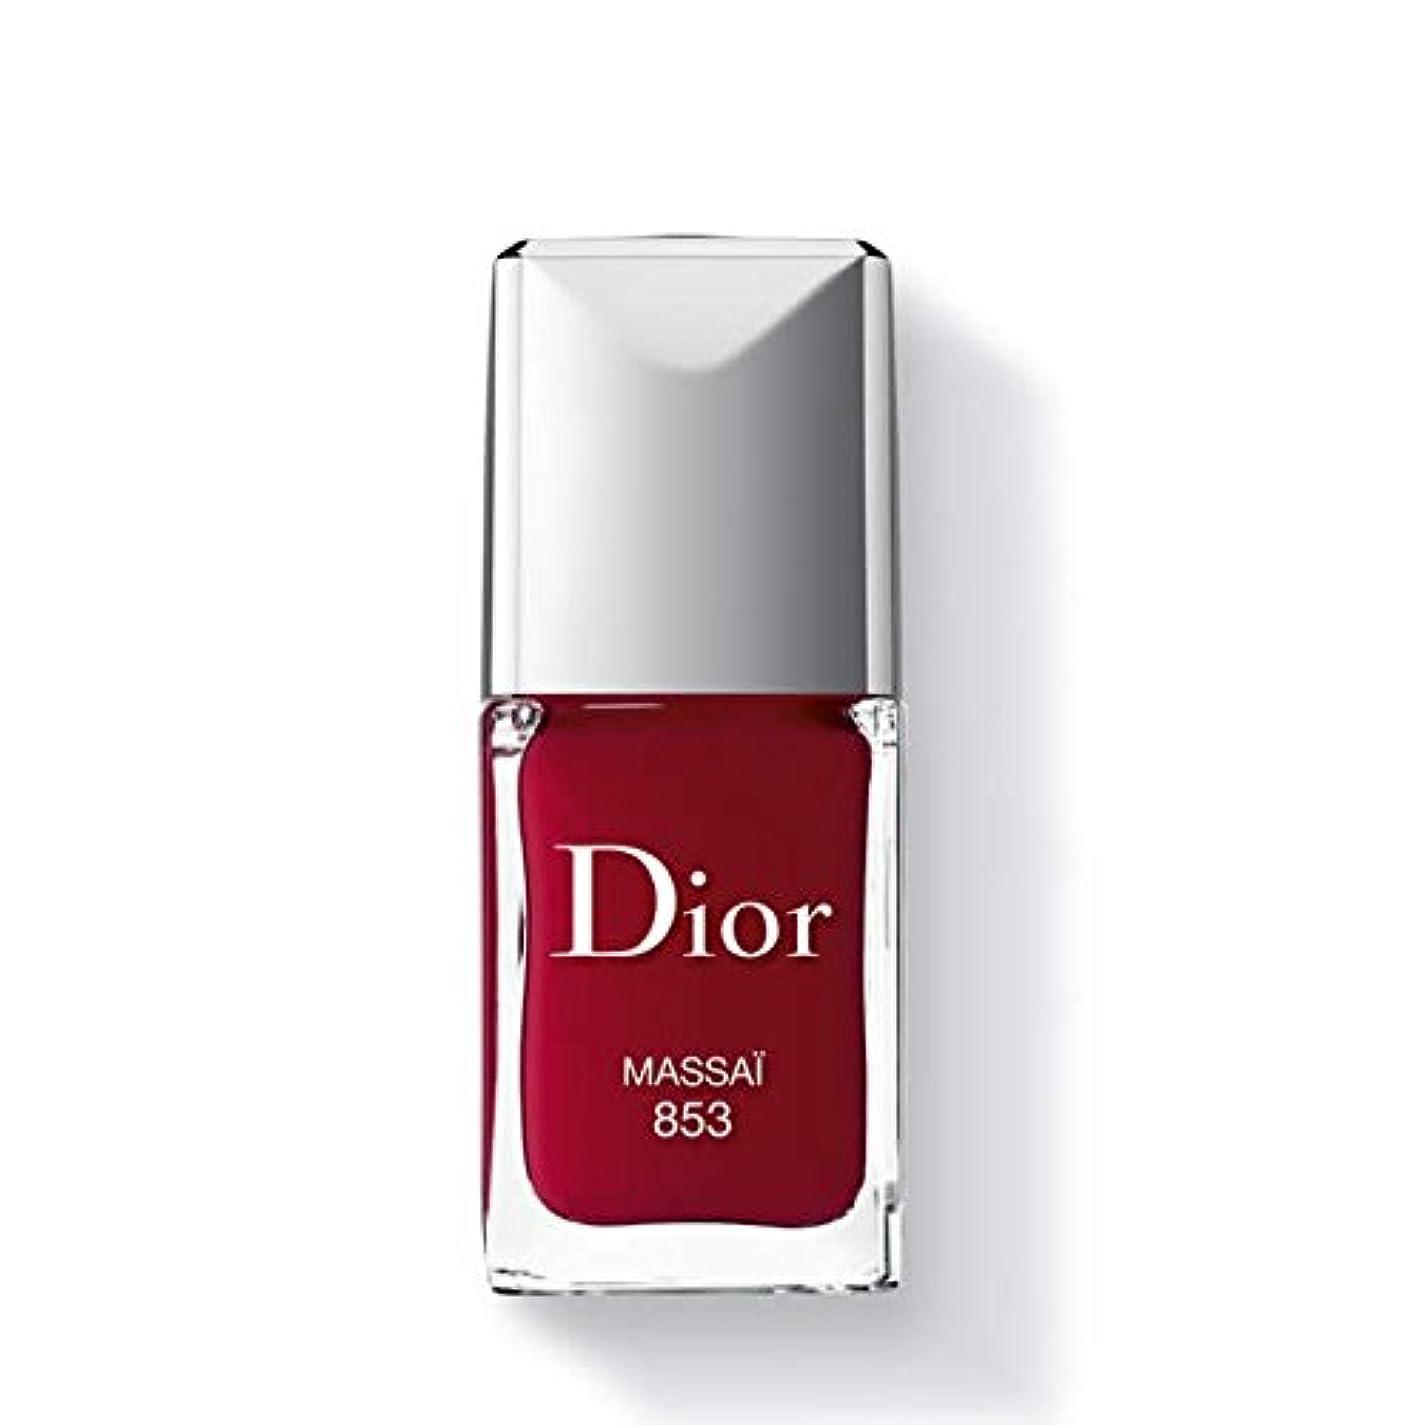 説明する外交階下Dior ディオールヴェルニ #853 マサイ 10ml [207997] [並行輸入品]